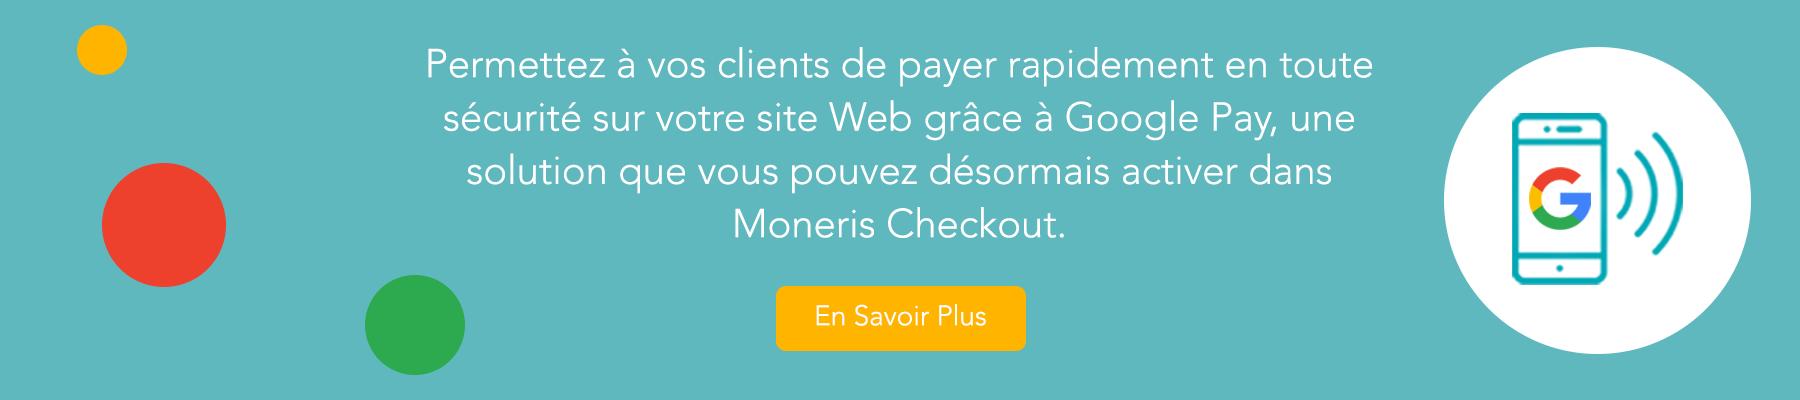 Permettez à vos clients de payer rapidement en toute sécurité sur votre site Web grâce à Google Pay, une solution que vous pouvez désormais activer dans Moneris Checkout. Découvrez comment.